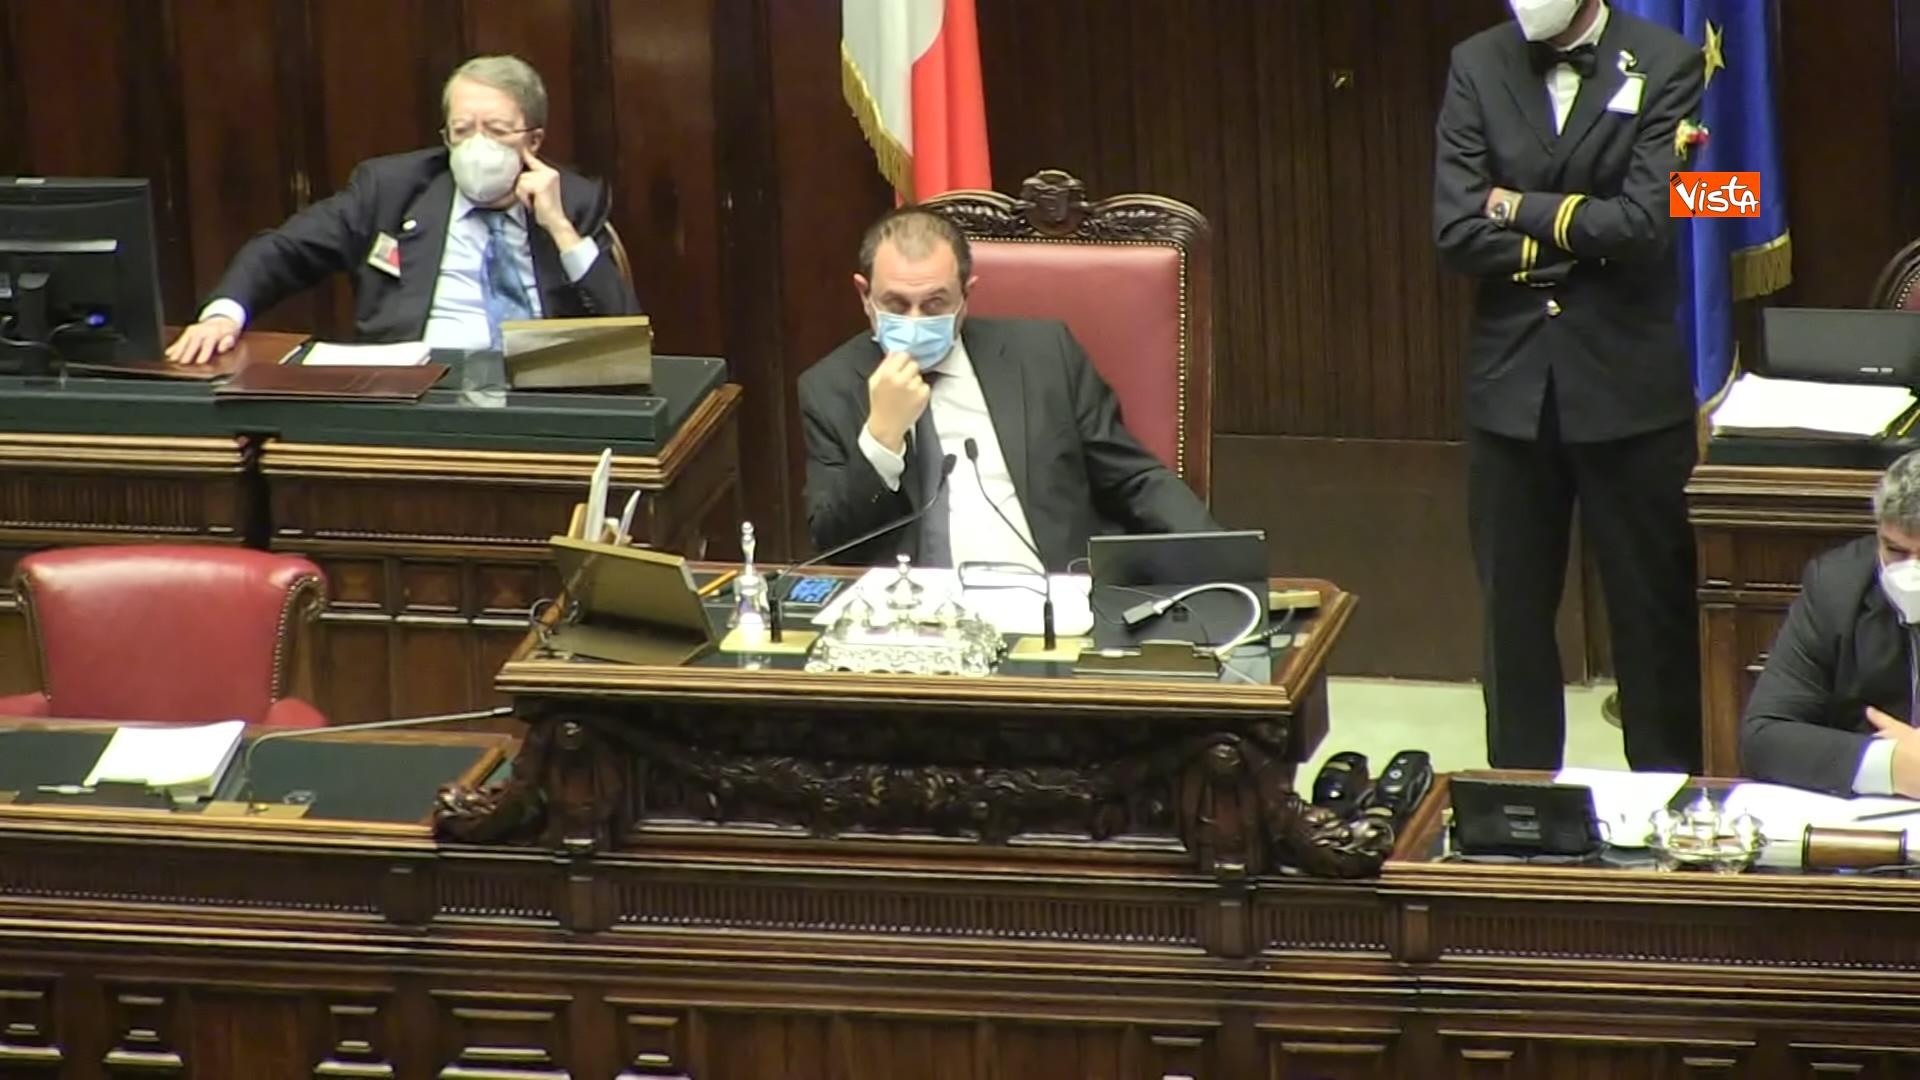 02-12-20 Il ministro Speranza riferisce alla Camera su piano vaccini e nuovo Dpcm, le foto_05